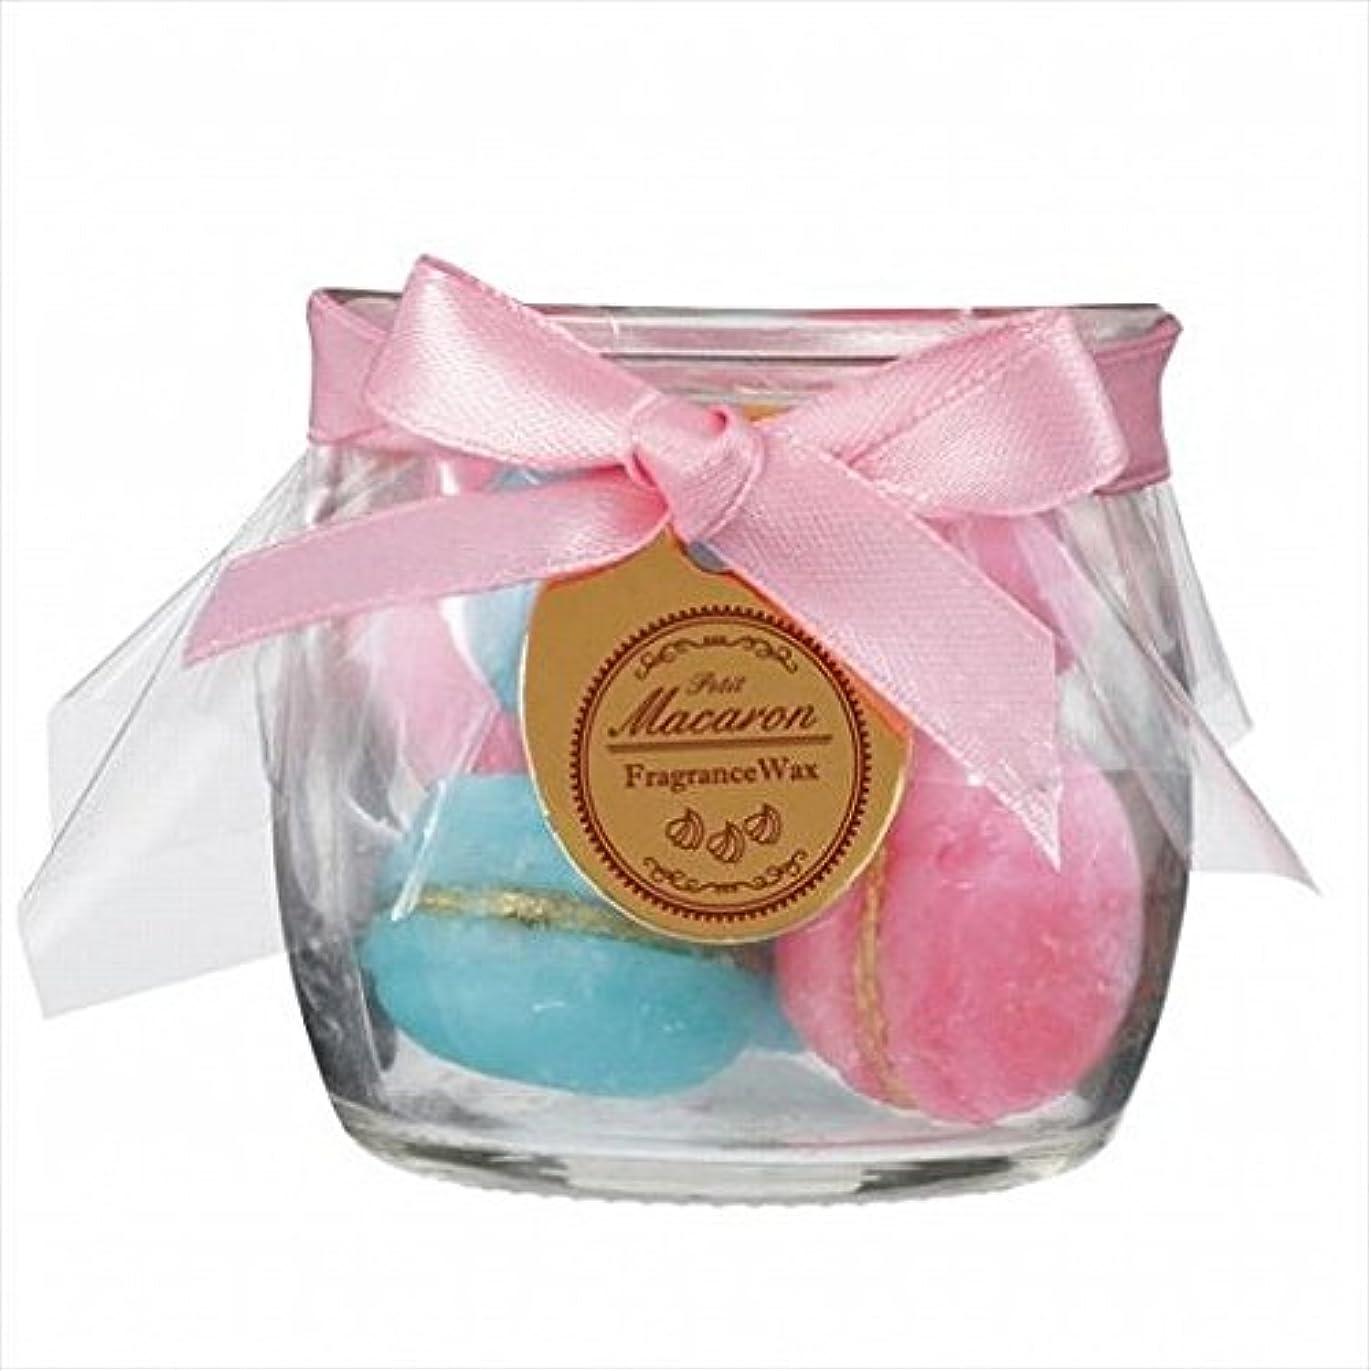 怠感擬人化導体sweets candle(スイーツキャンドル) プチマカロンフレグランス 「 ピーチ 」 キャンドル 60x60x56mm (A3160540)